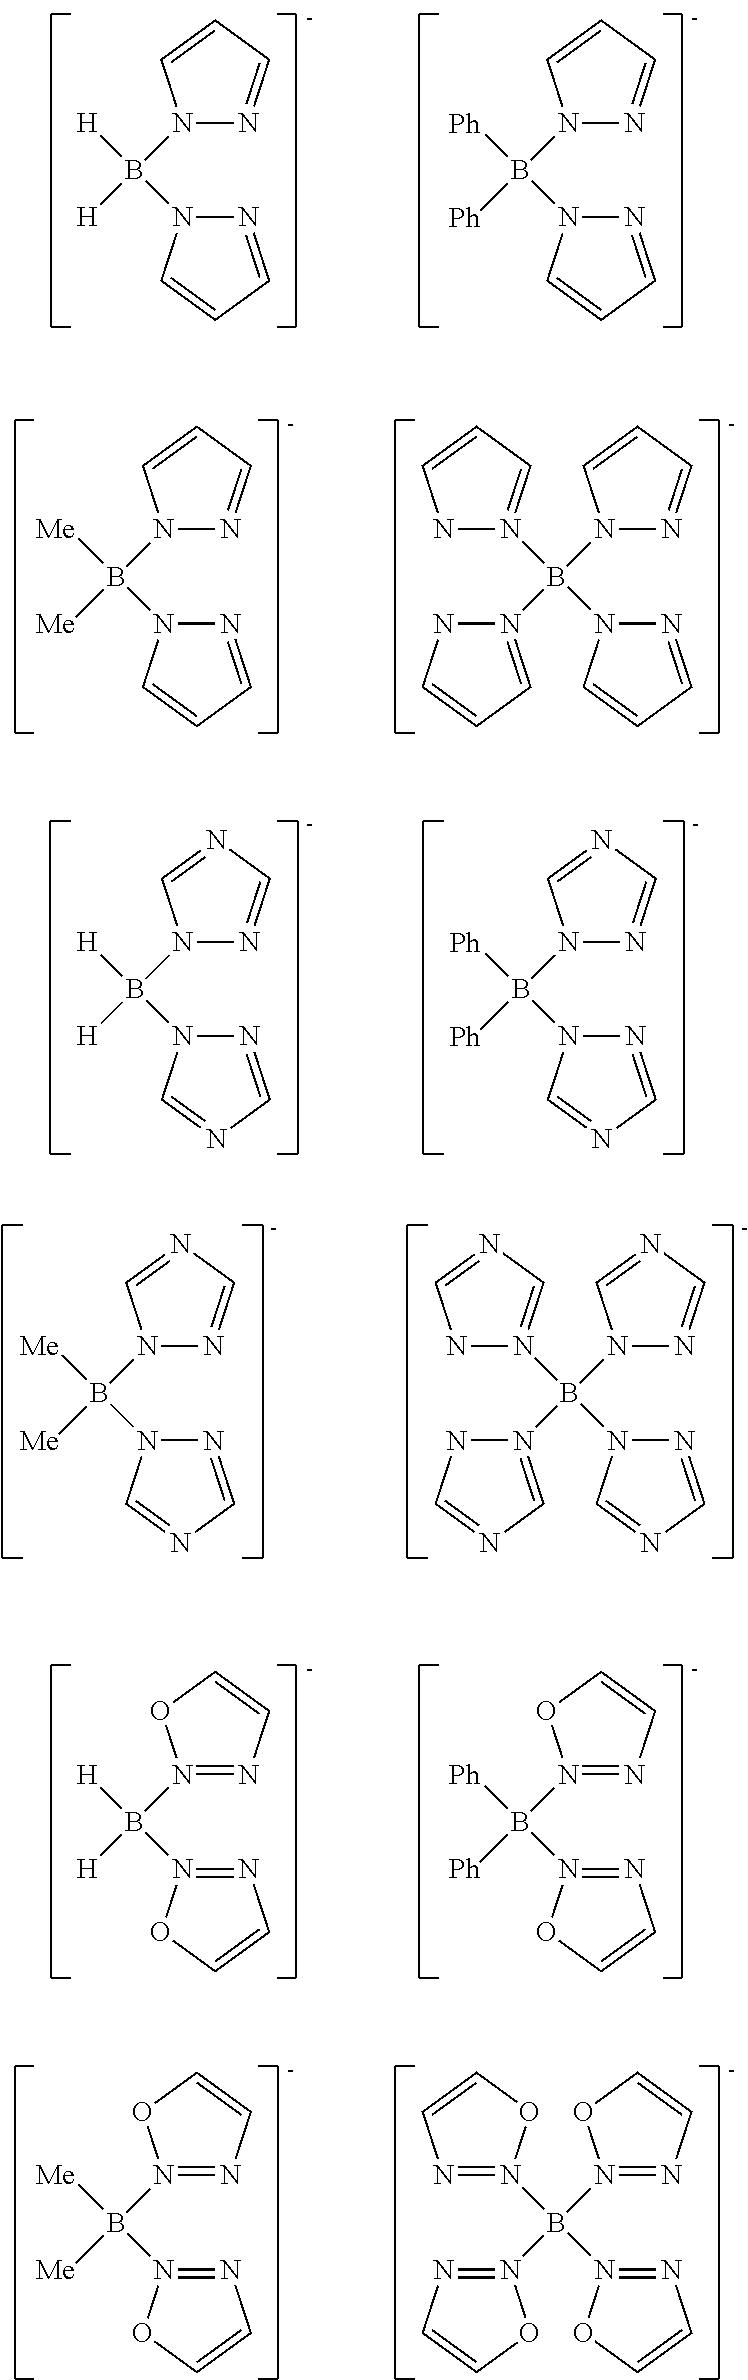 Figure US20160043332A1-20160211-C00008